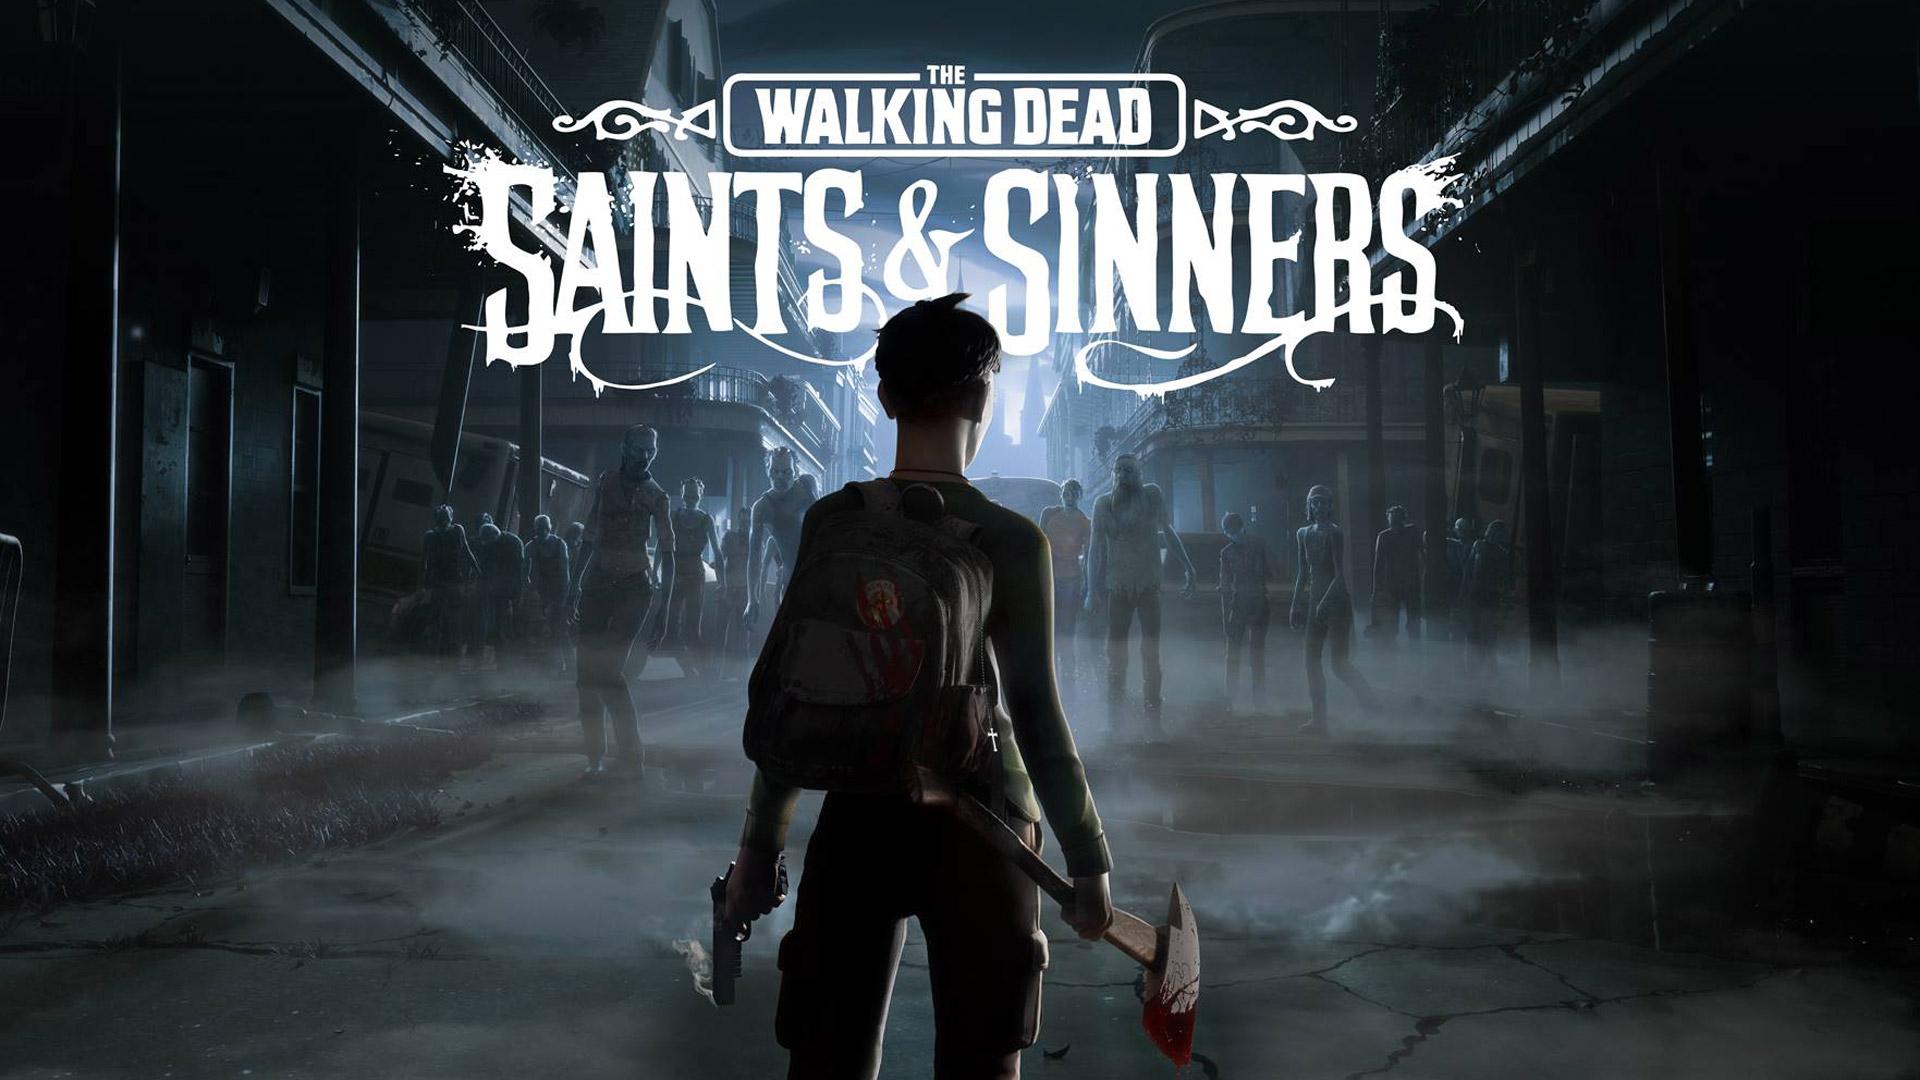 Free The Walking Dead: Saints & Sinners Wallpaper in 1920x1080